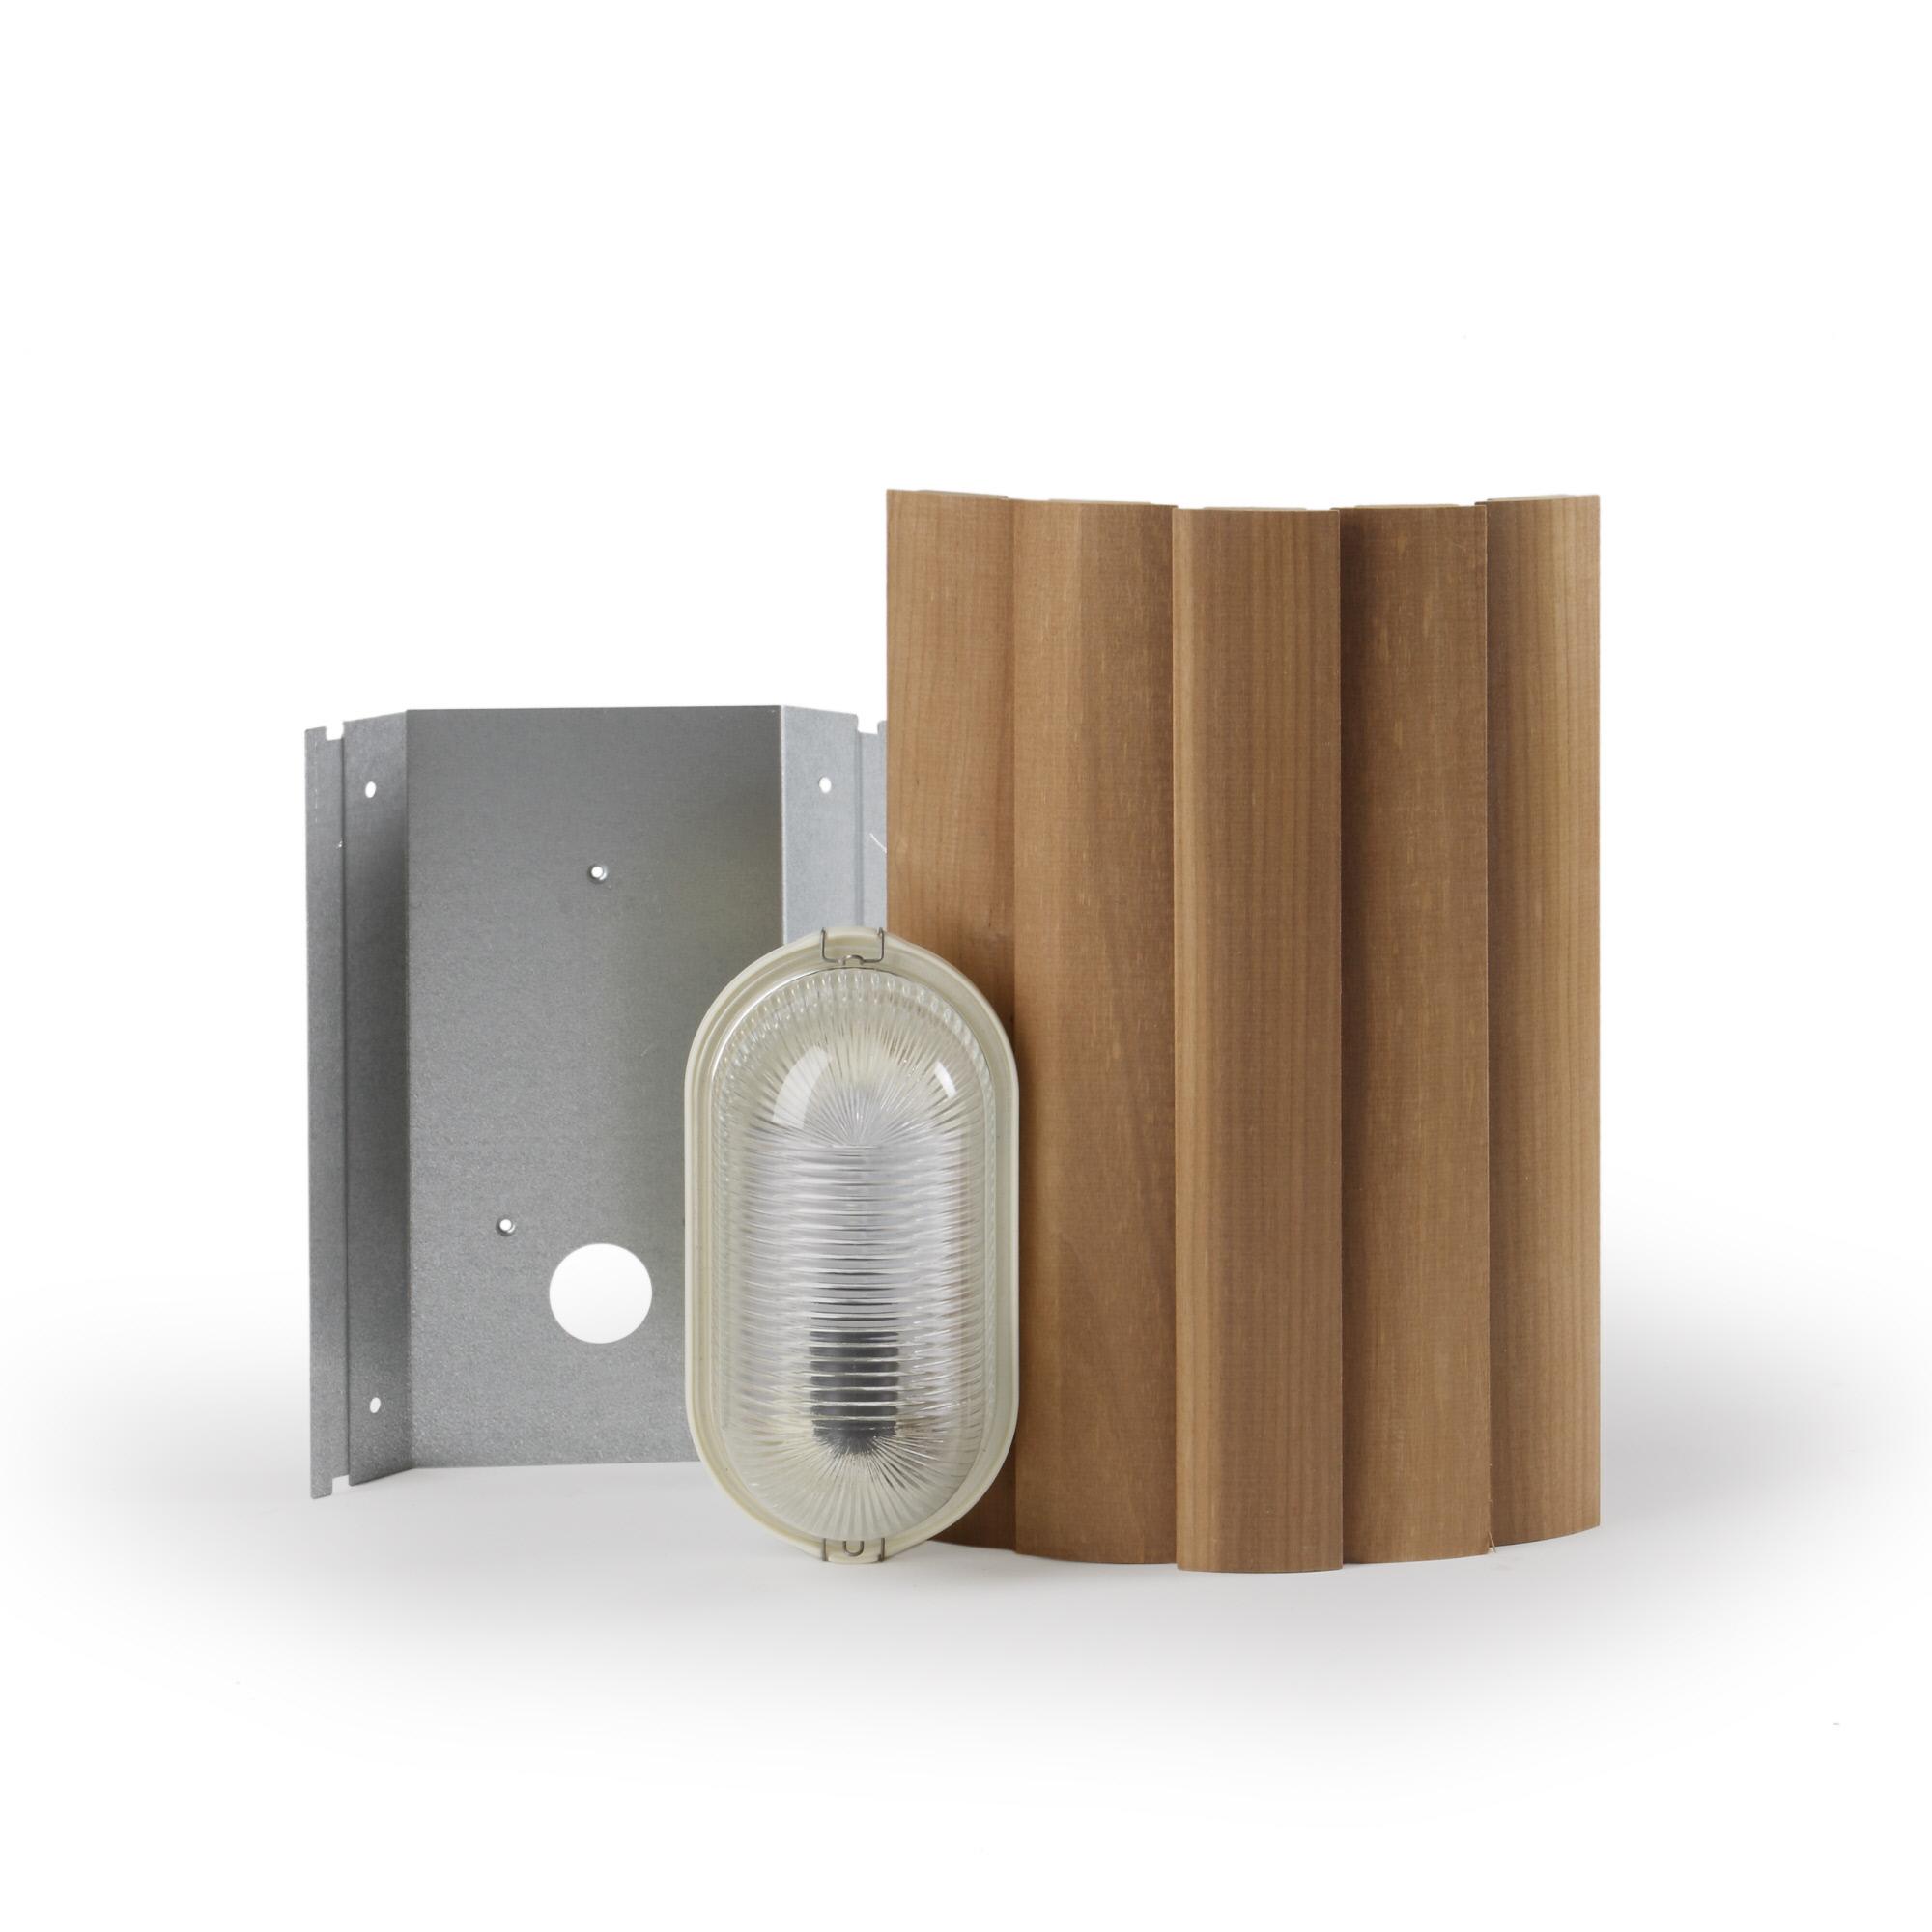 Разновидности светильников для бани, характеристики каждого вида, отличительные особенности. нюансы выбора осветительных приборов